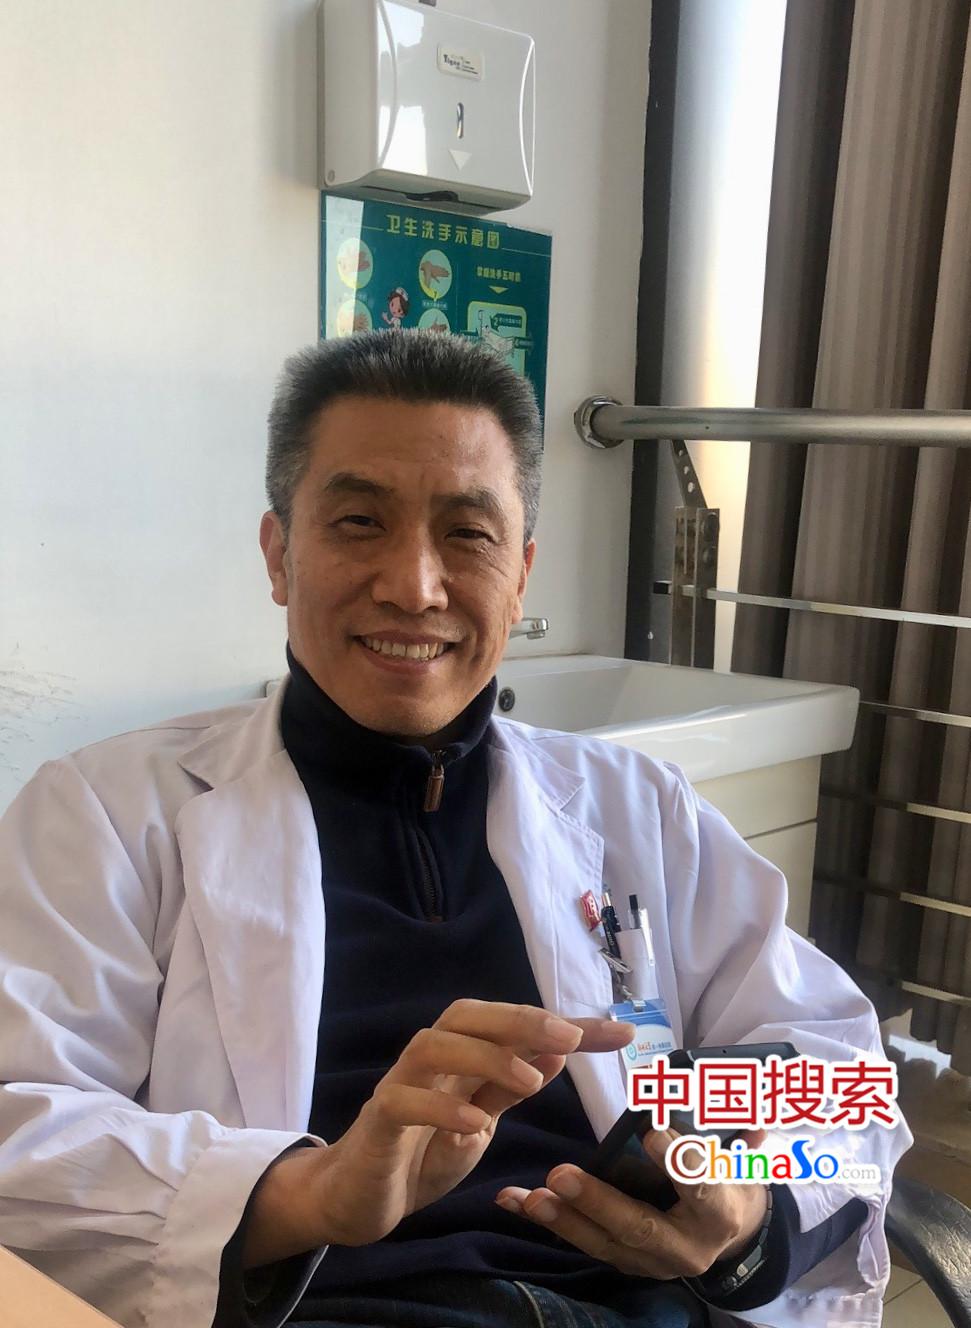 【奋进新时代 出彩河南人】徐敬:医者仁心 妙手架起生命桥